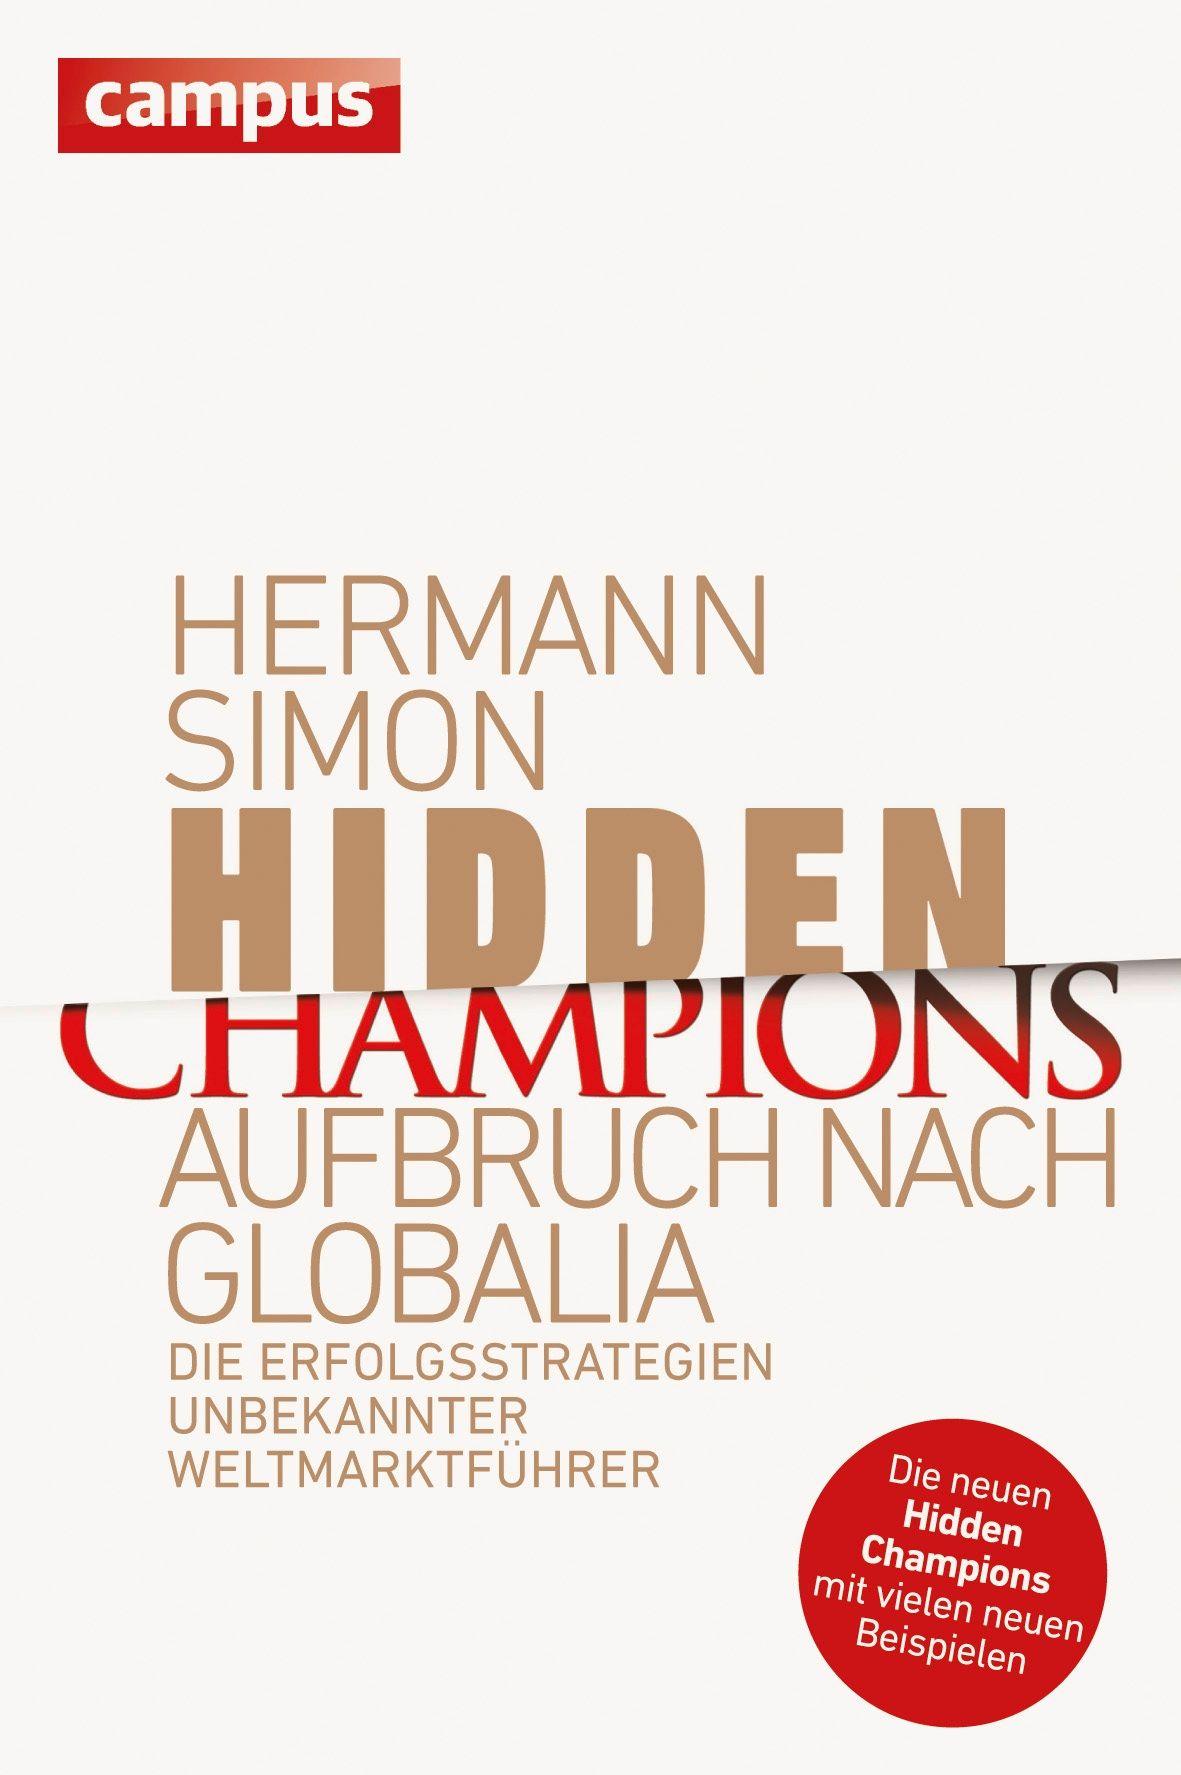 Thumbnail of https://twitter.com/HermannSimon/status/1062661423657029633